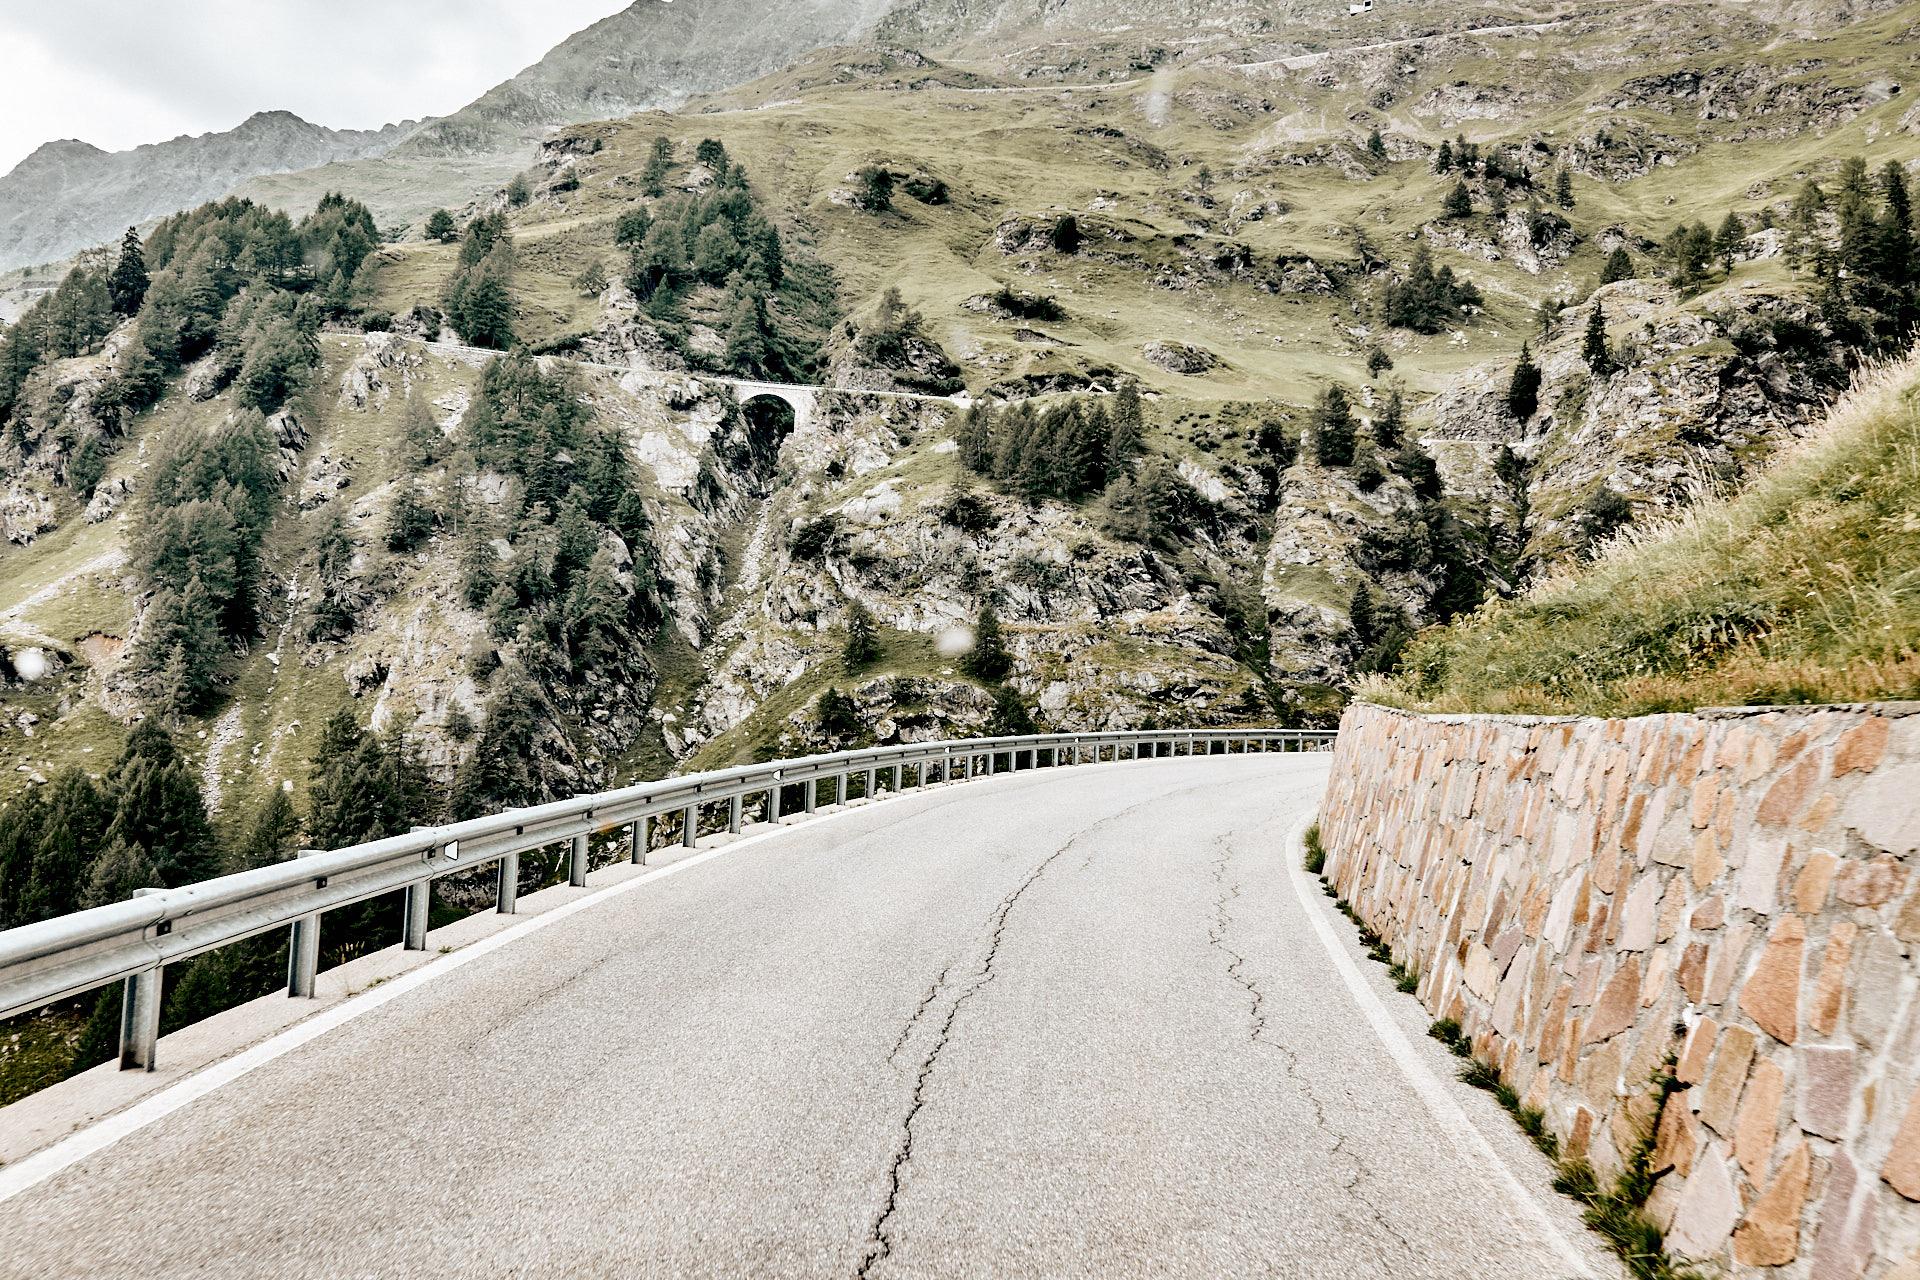 Alpenpassreise mit dem Wohnmobil